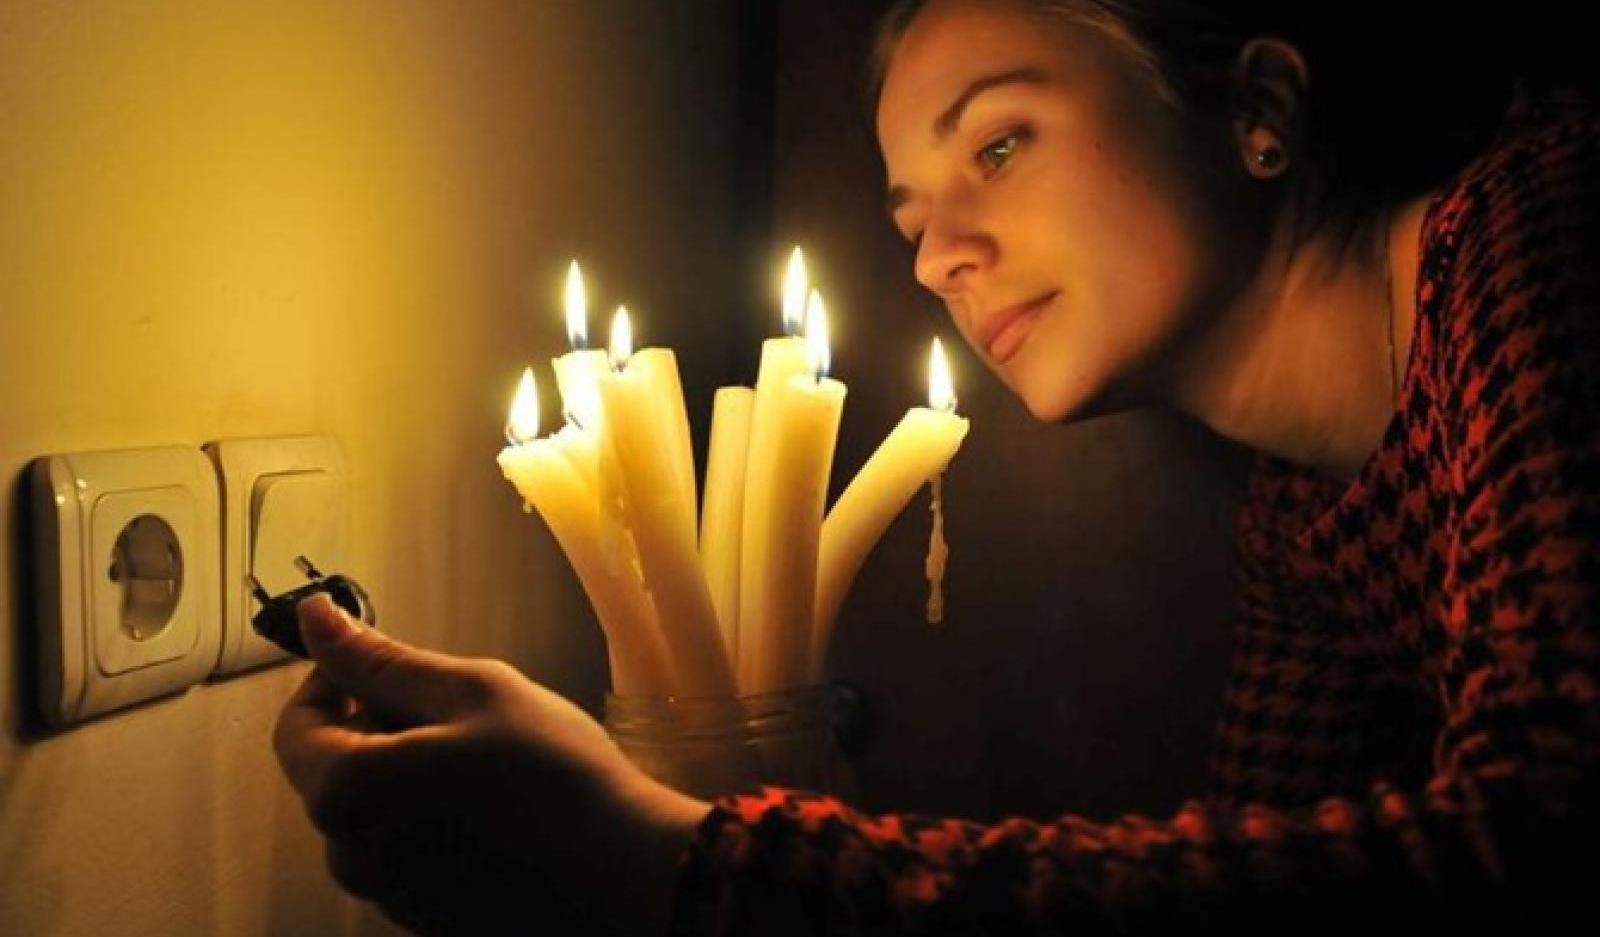 Важная новость: в Укрэнерго сообщили, когда точно выключат свет